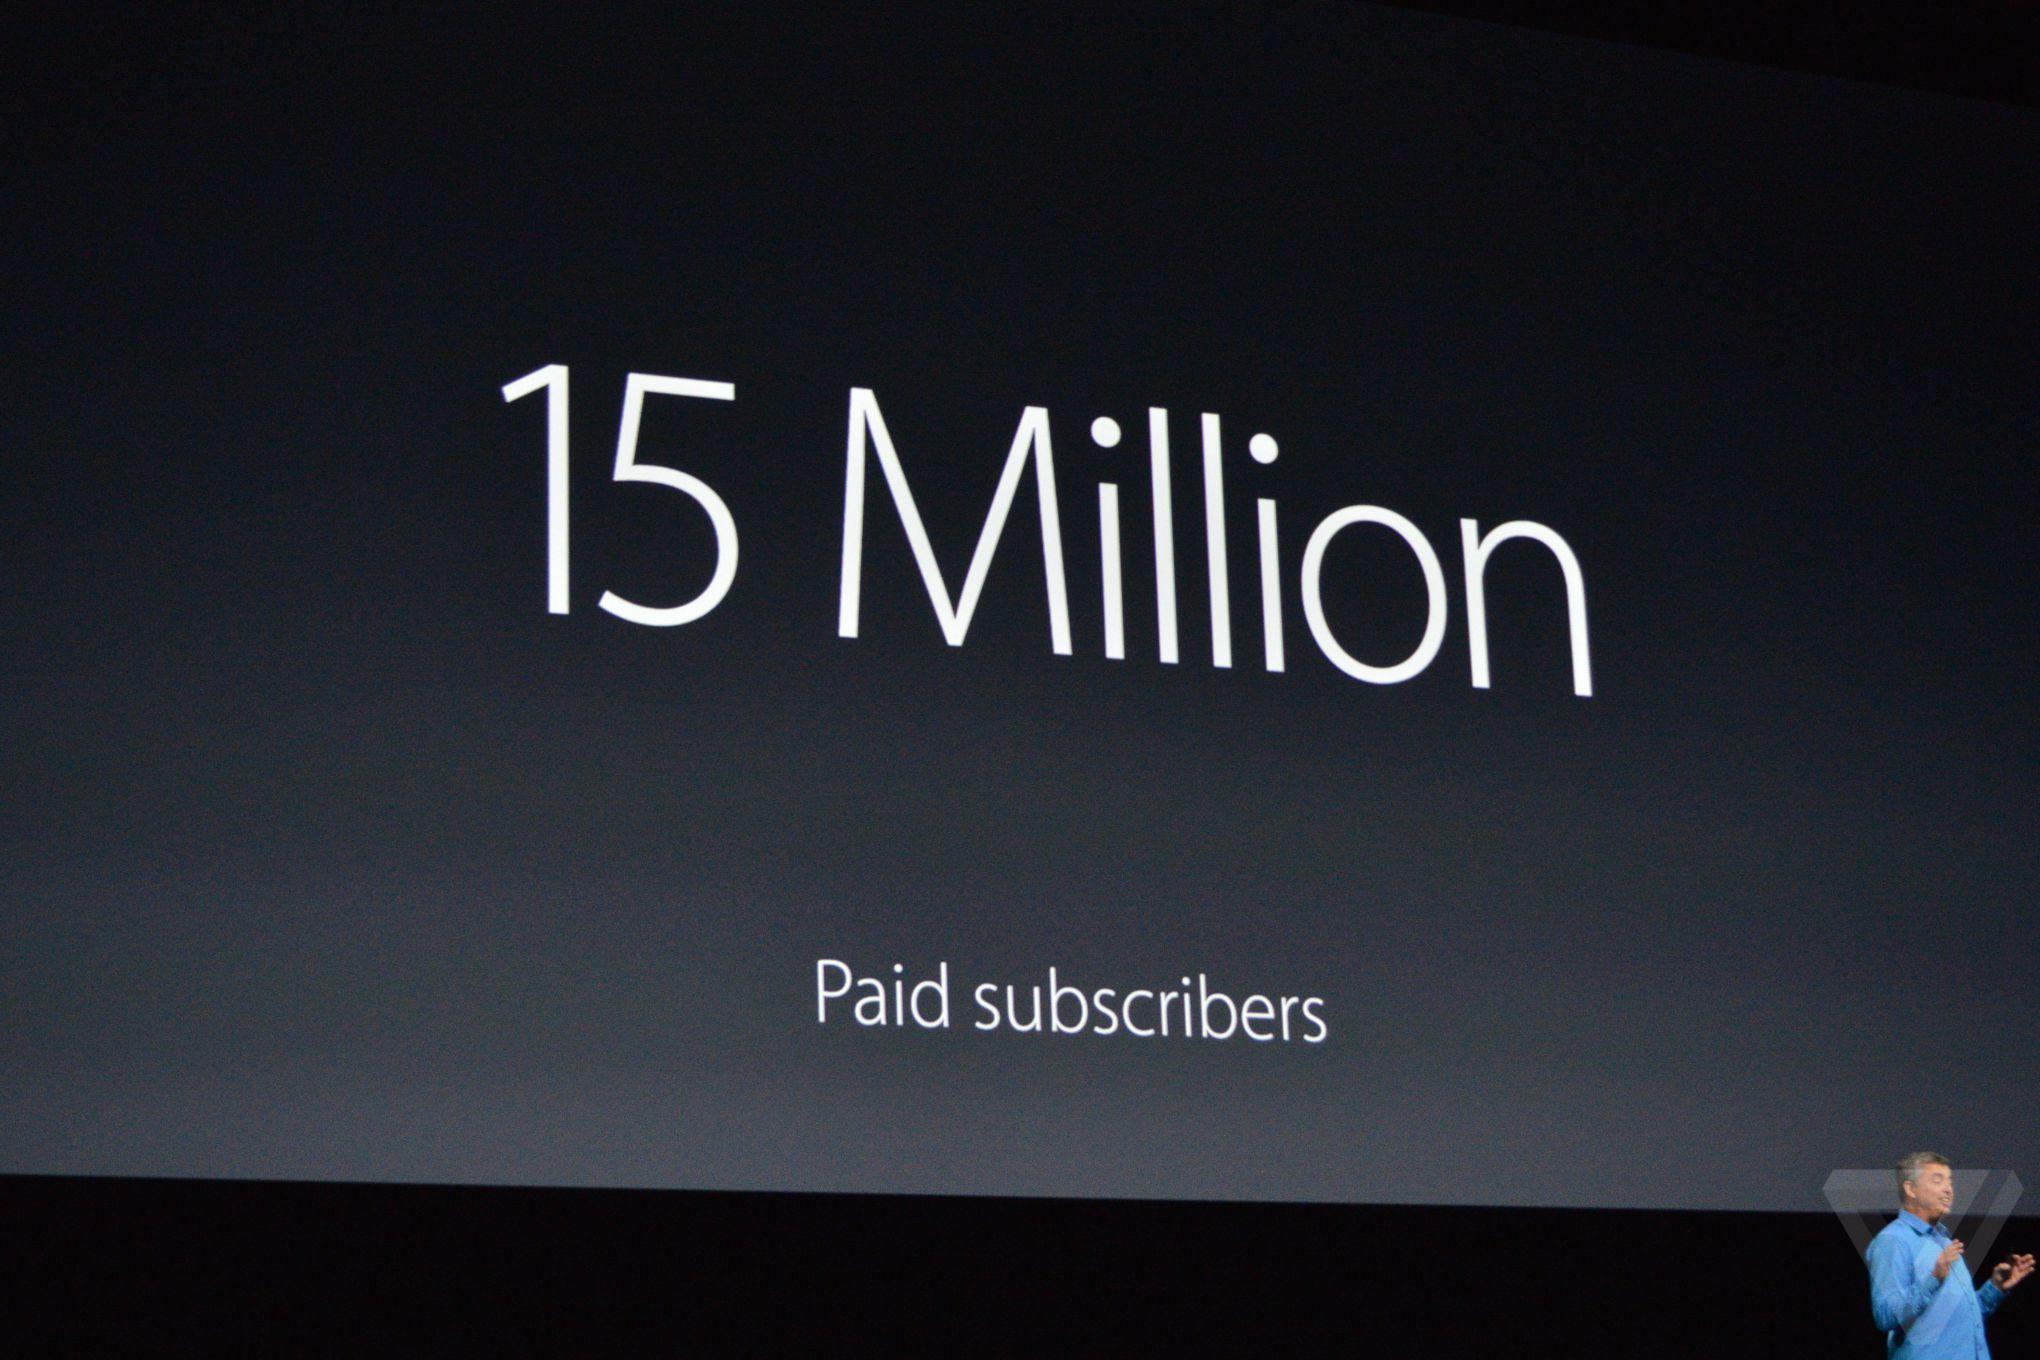 Apple Music dépasse les 15 millions d'abonnés payants, Spotify dans le viseur